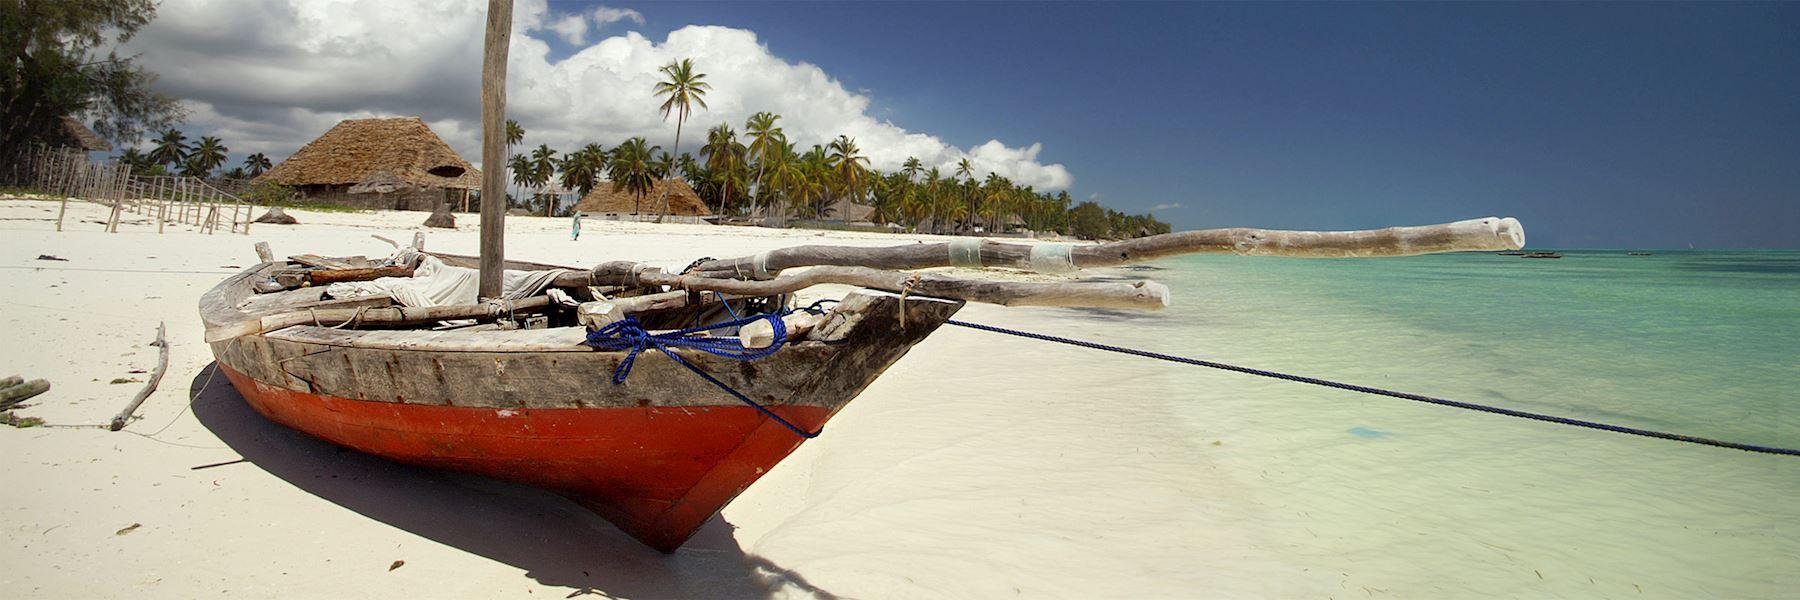 When is the best time to visit Zanzibar Archipelago?